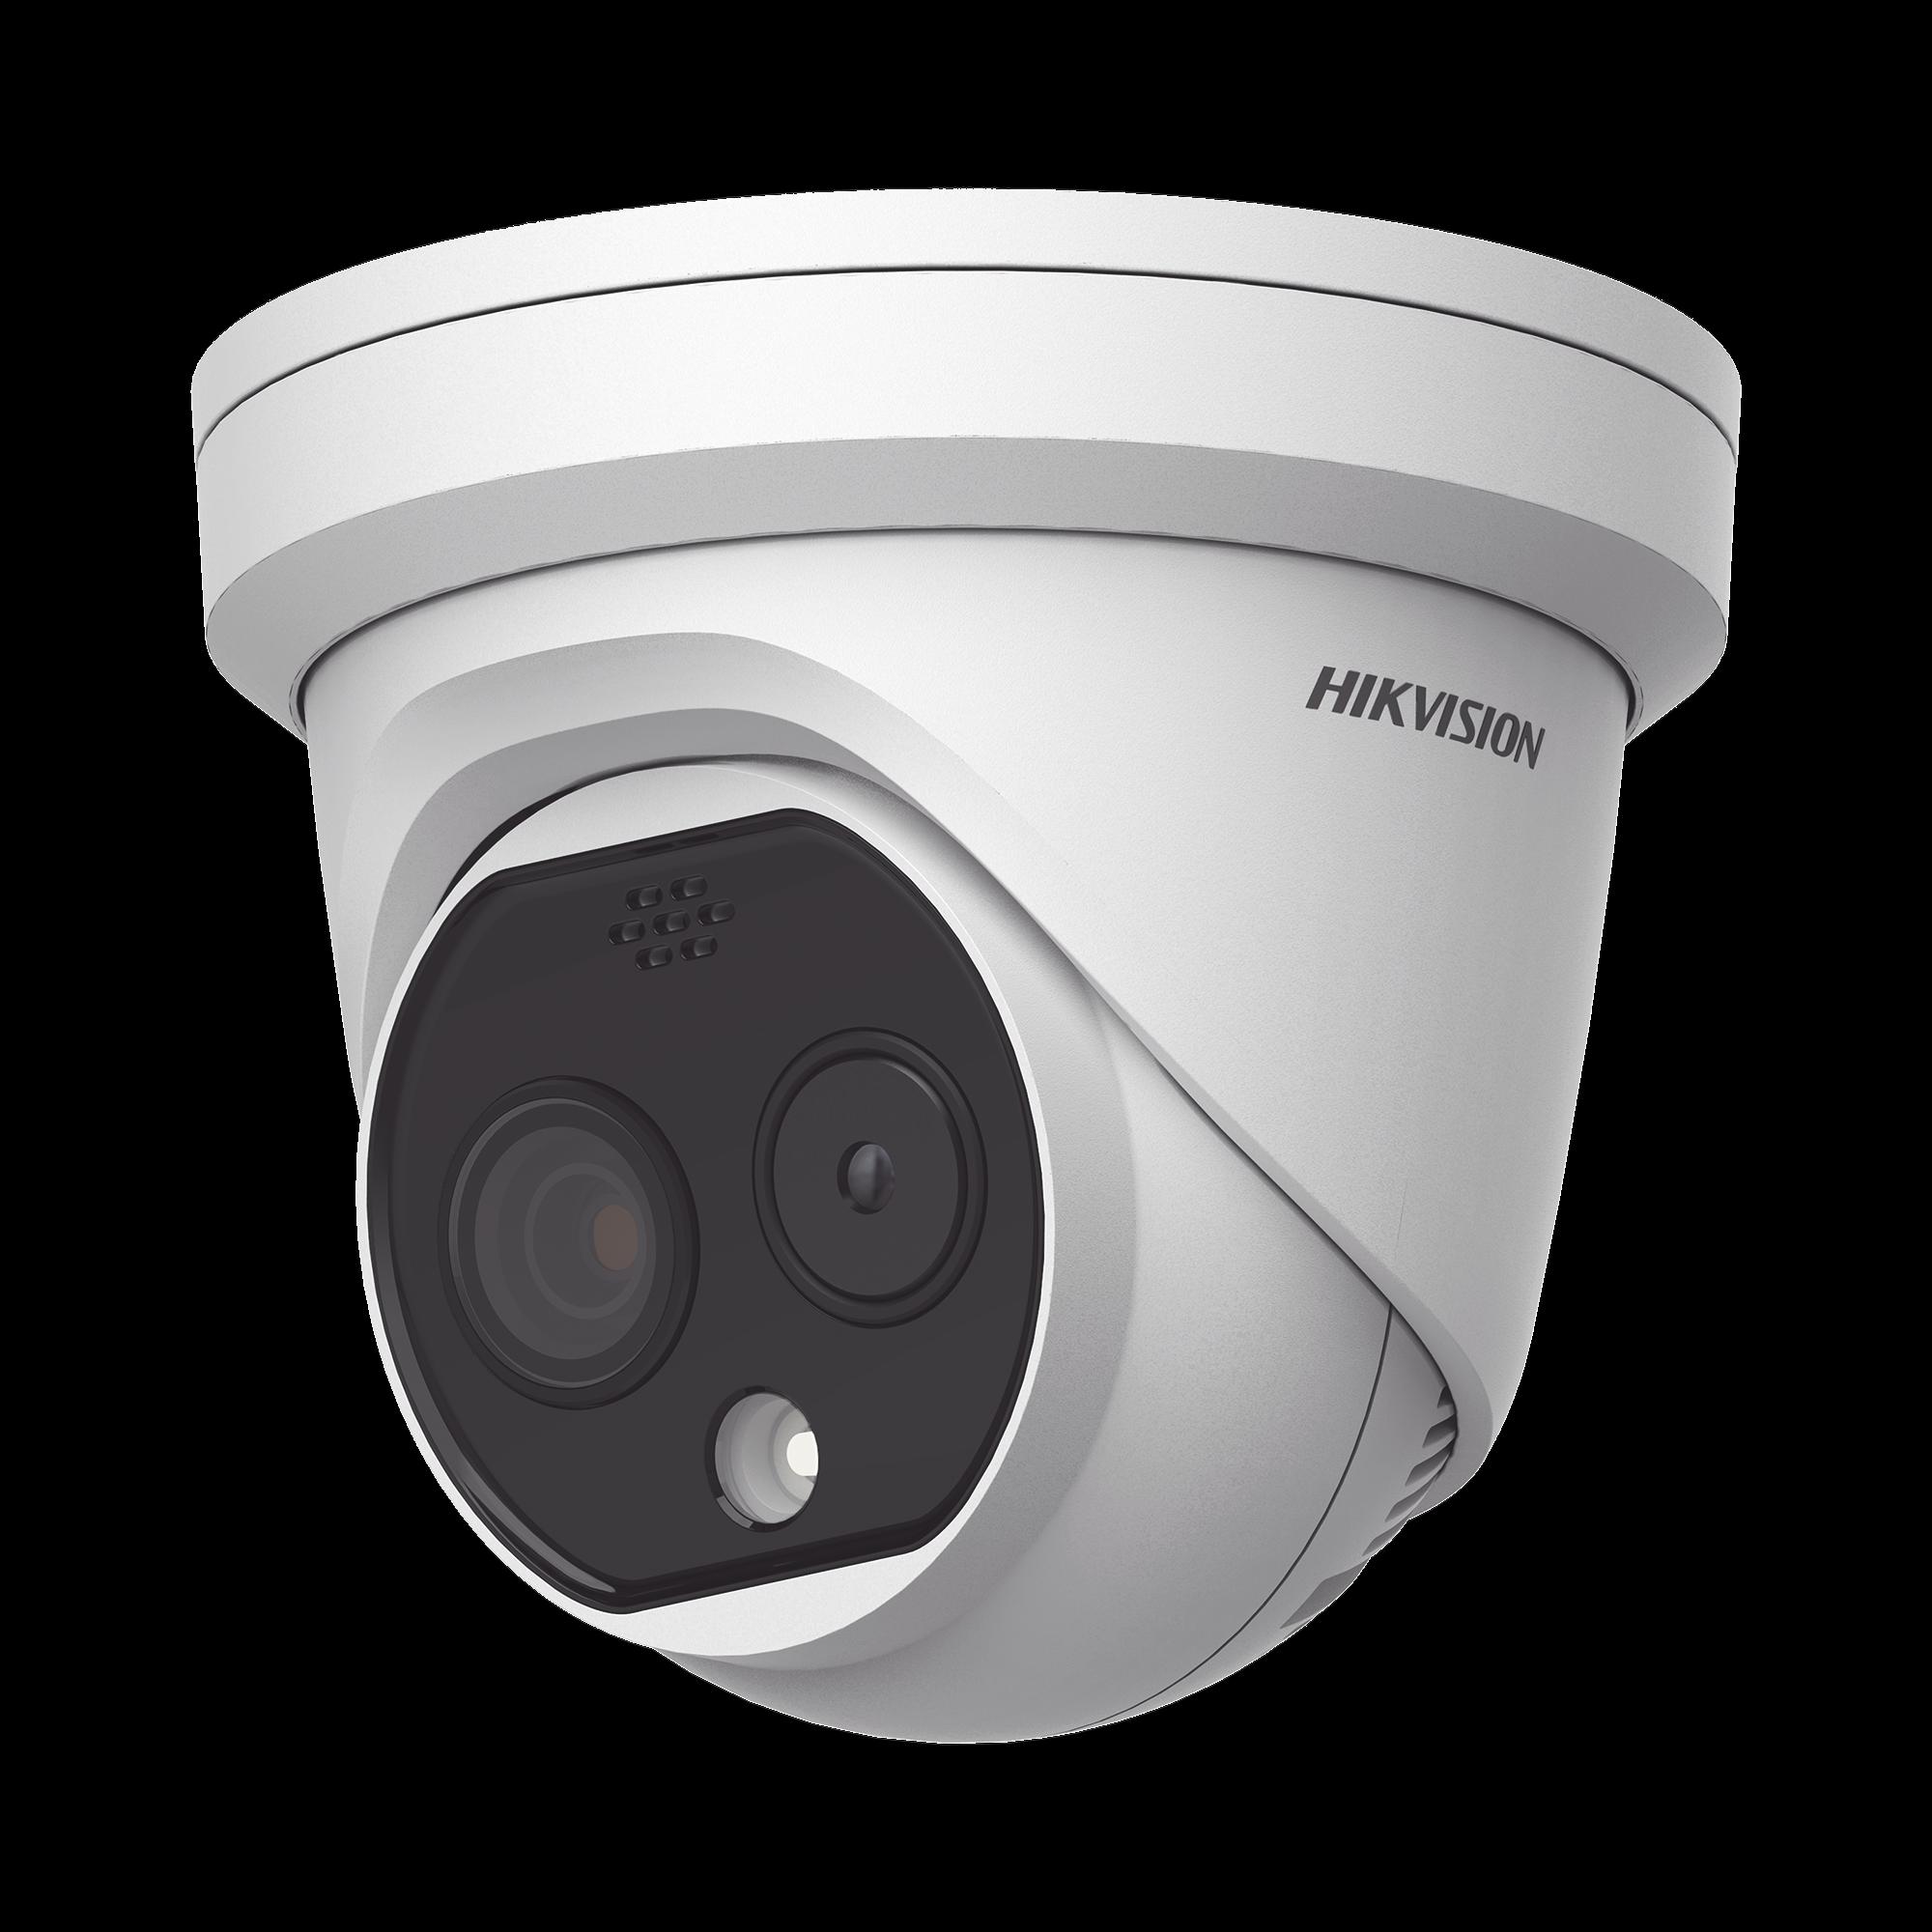 Turret IP Dual / Térmica 1.8 mm ( 160 x 120 ) / óptico 2 mm (4 Megapixel) / 15 mts IR / Exterior IP67 / PoE / Termométrica / Detección de Temperatura / Sirena y Luz Intermitente Integrada